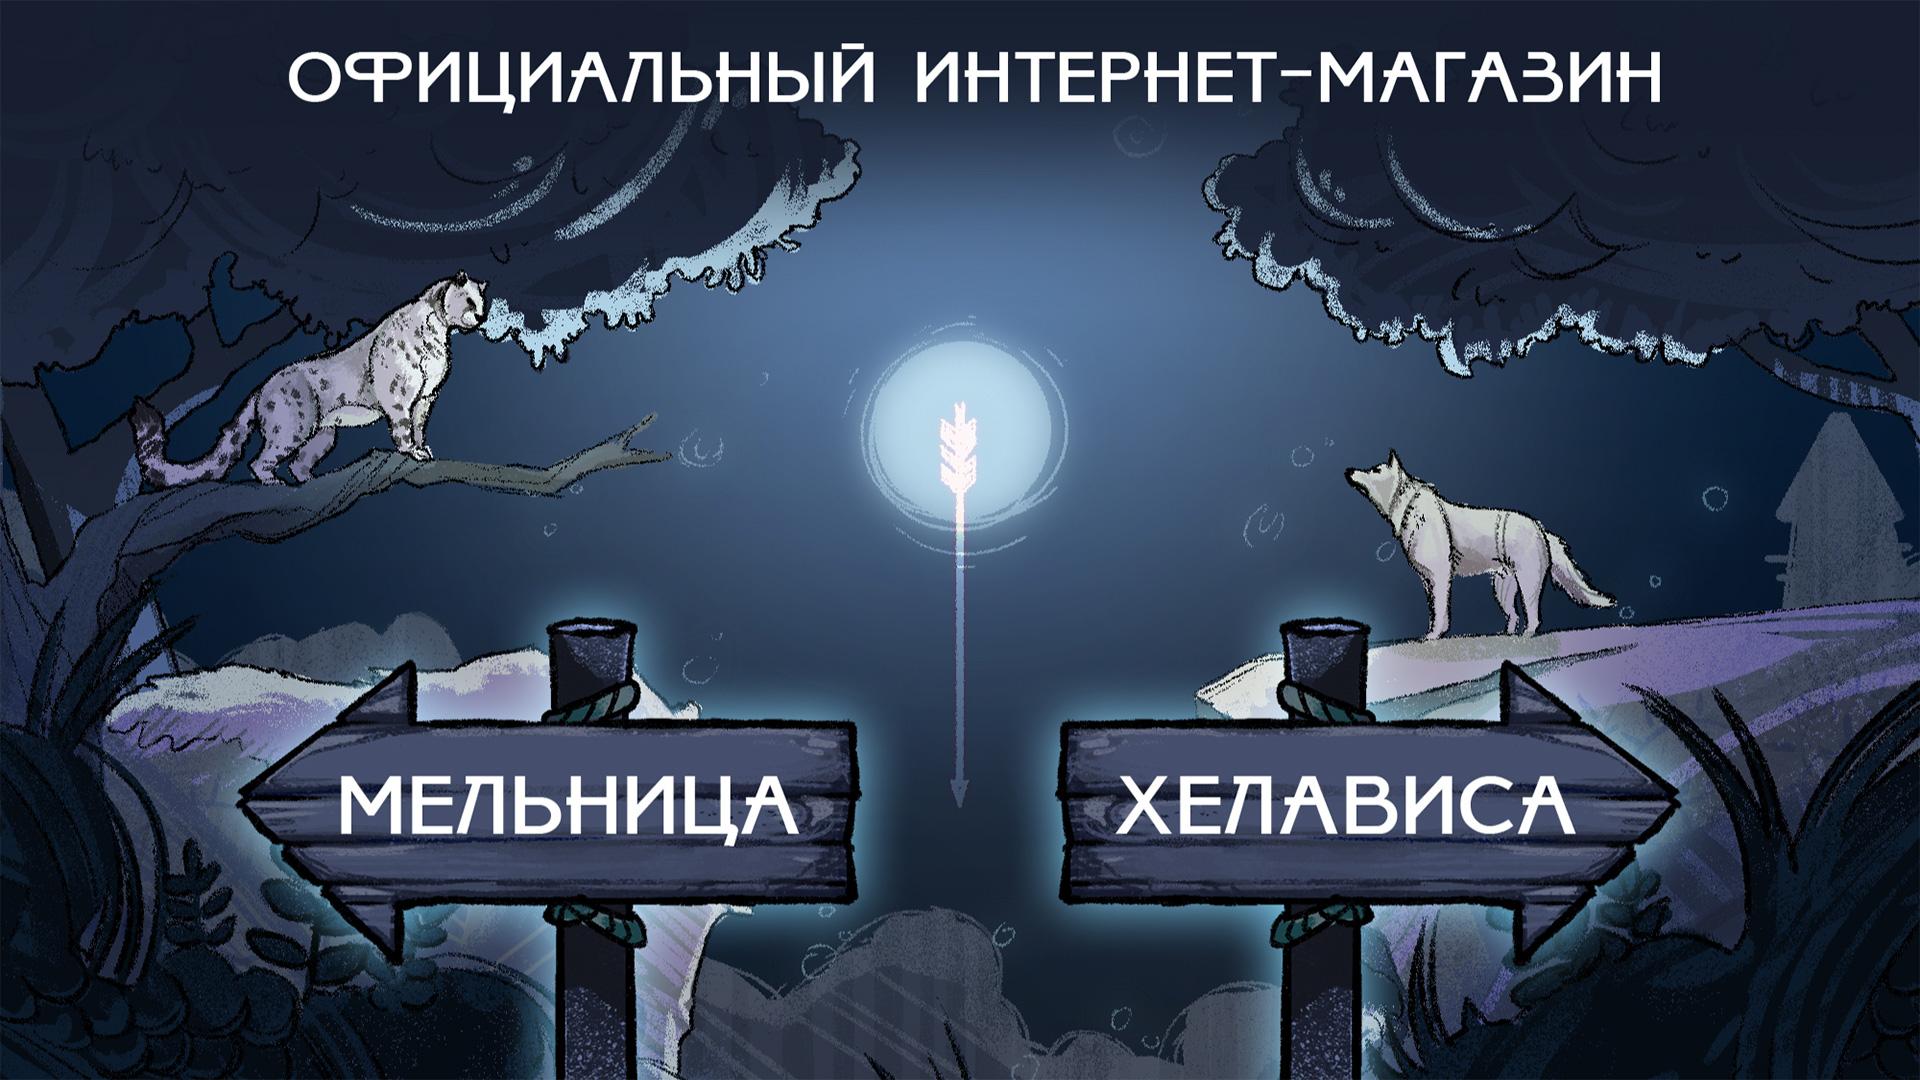 """Официальный интернет-магазин группы """" Мельница"""""""